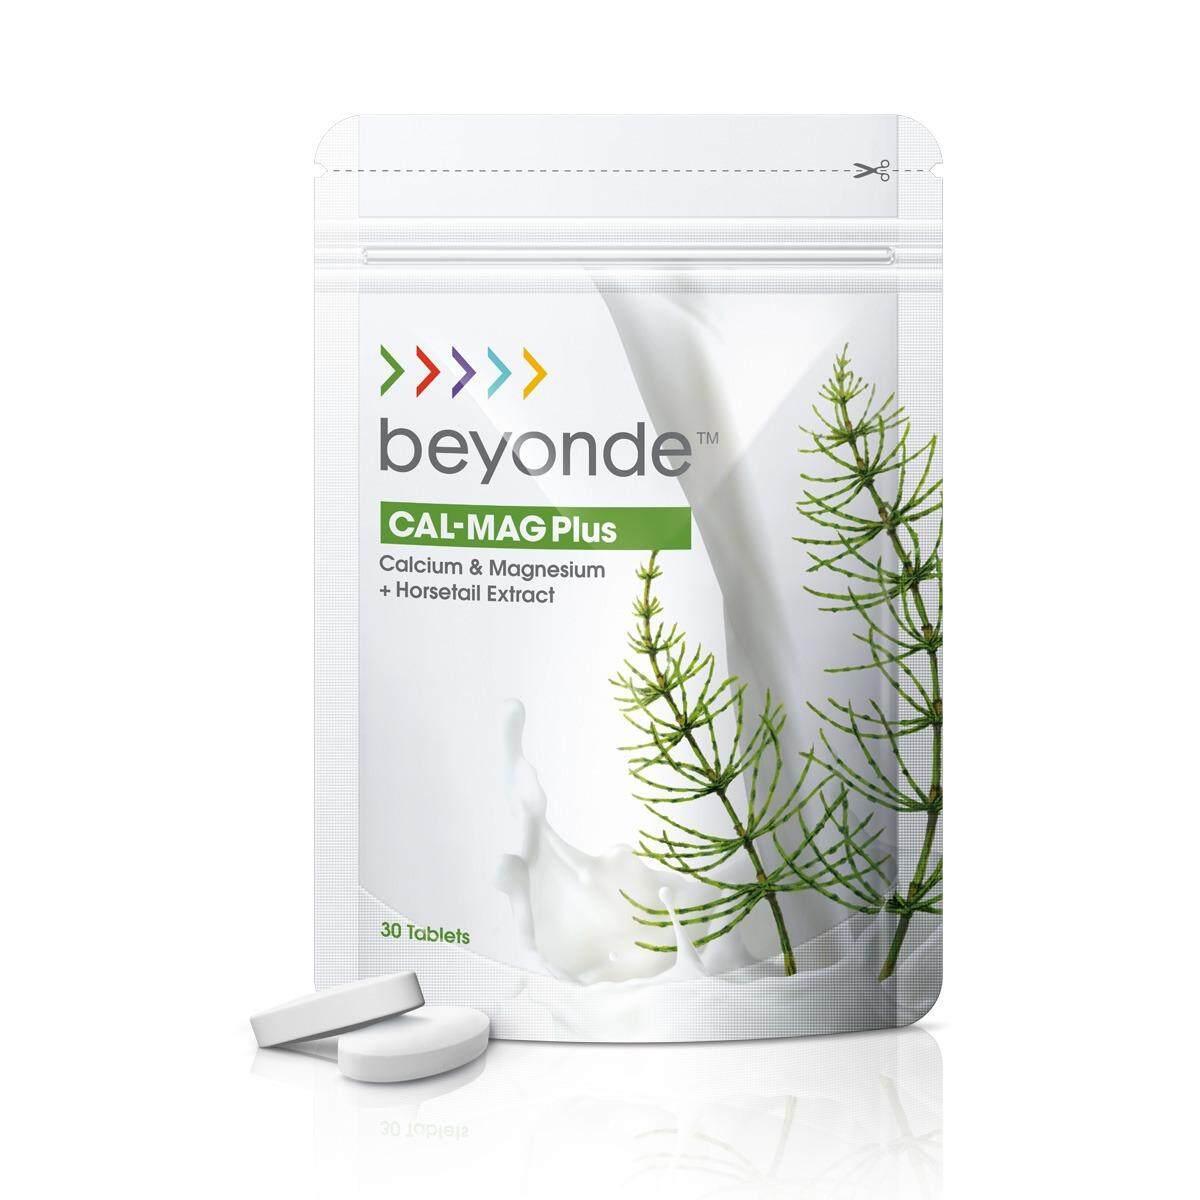 Beyonde ผลิตภัณฑ์เสริมอาหาร อุดมด้วยแคลเซียมและแมกนีเซียม Cal Mag Plus 30 Tablets เป็นต้นฉบับ